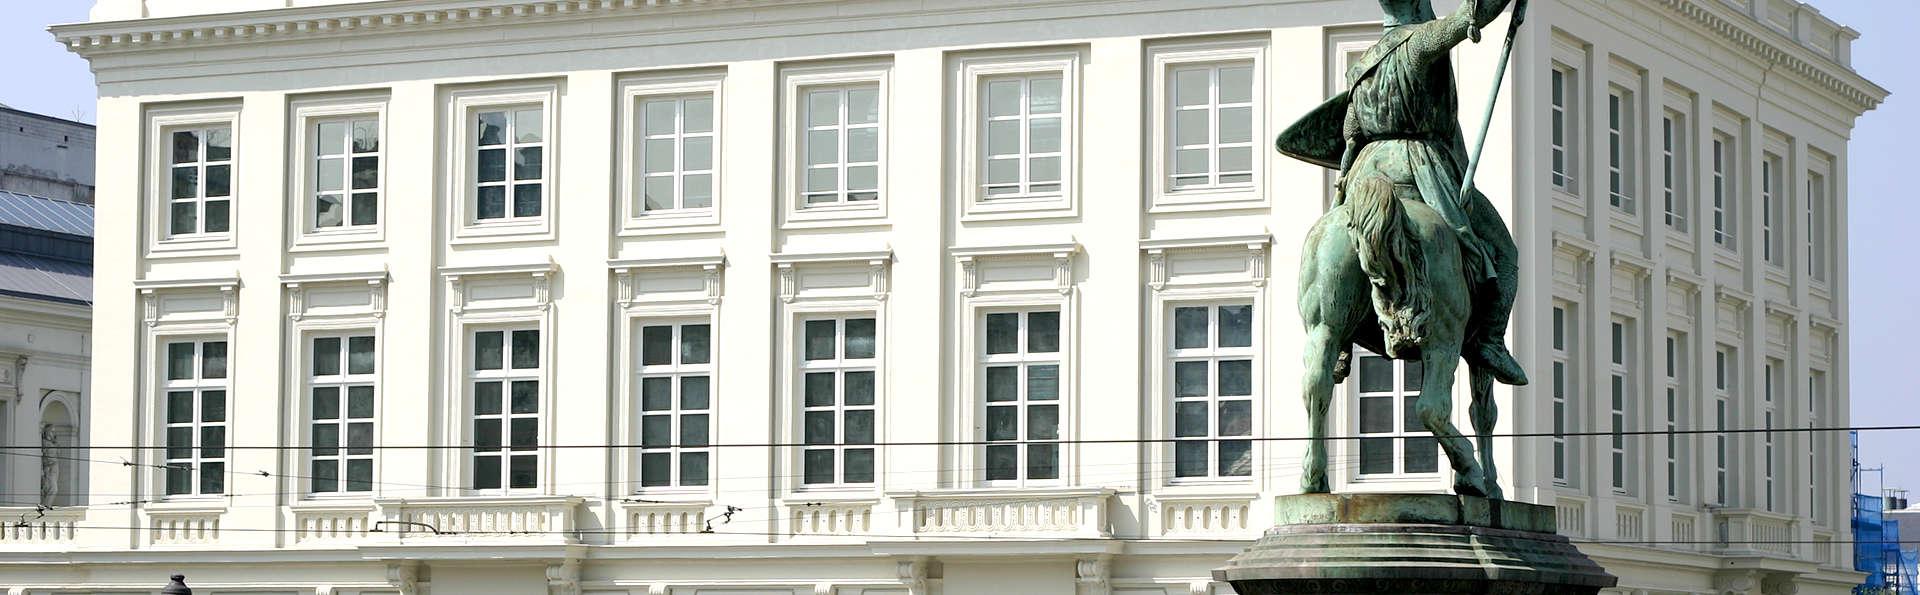 Découvrez le musée Magritte et séjournez dans un hôtel 4 étoiles à Bruxelles